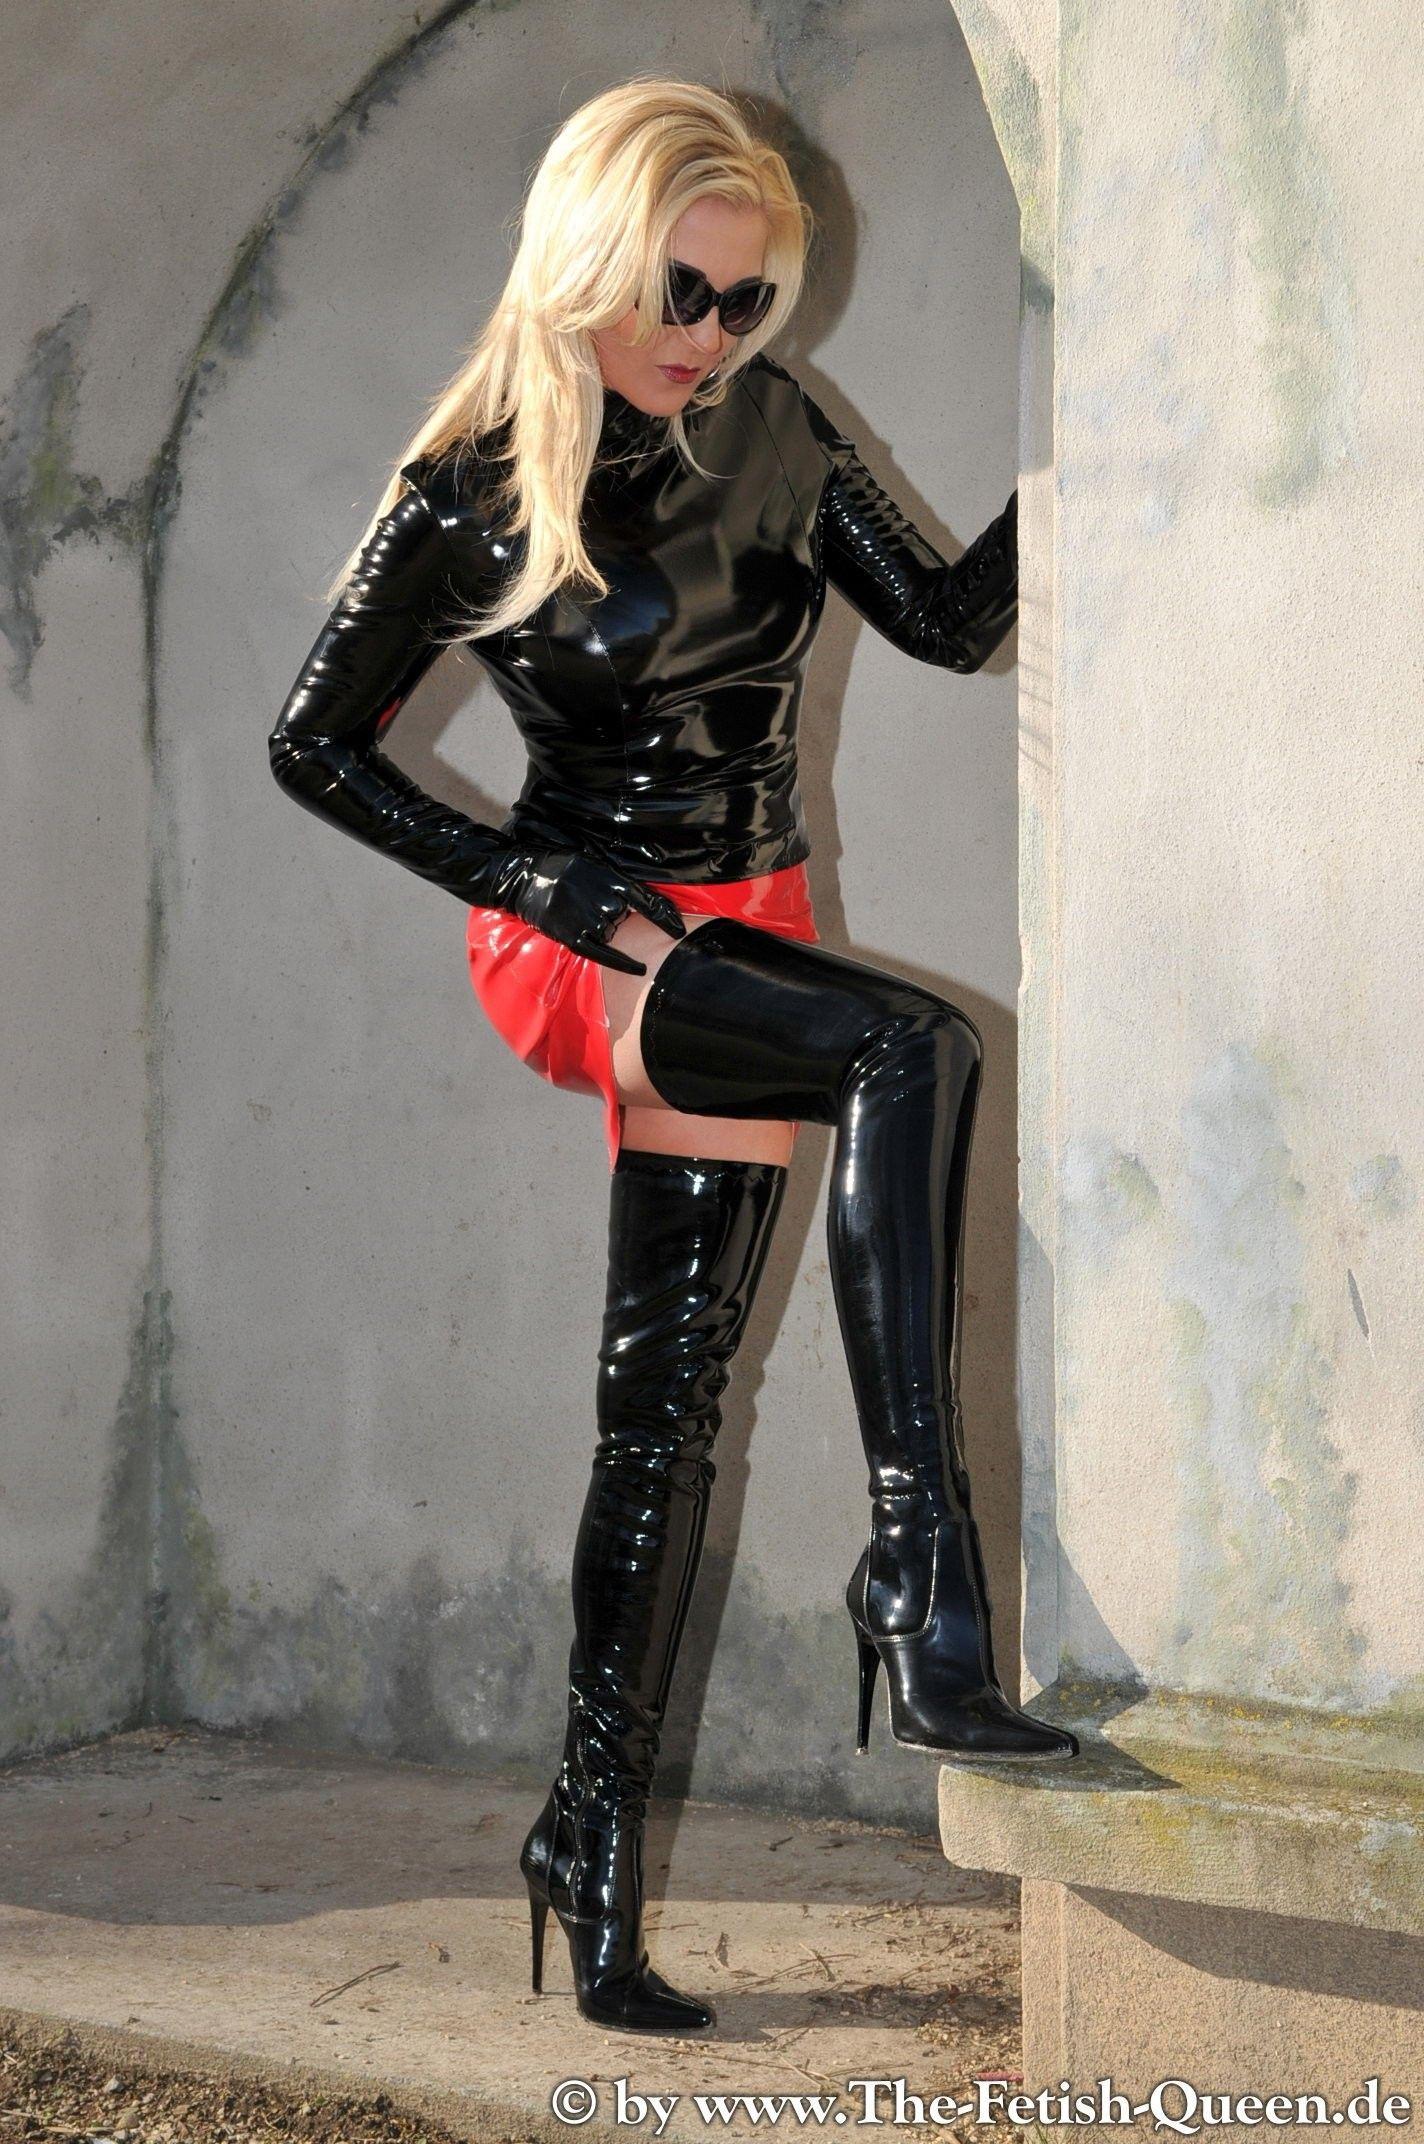 Frauen In Stiefel Bilder